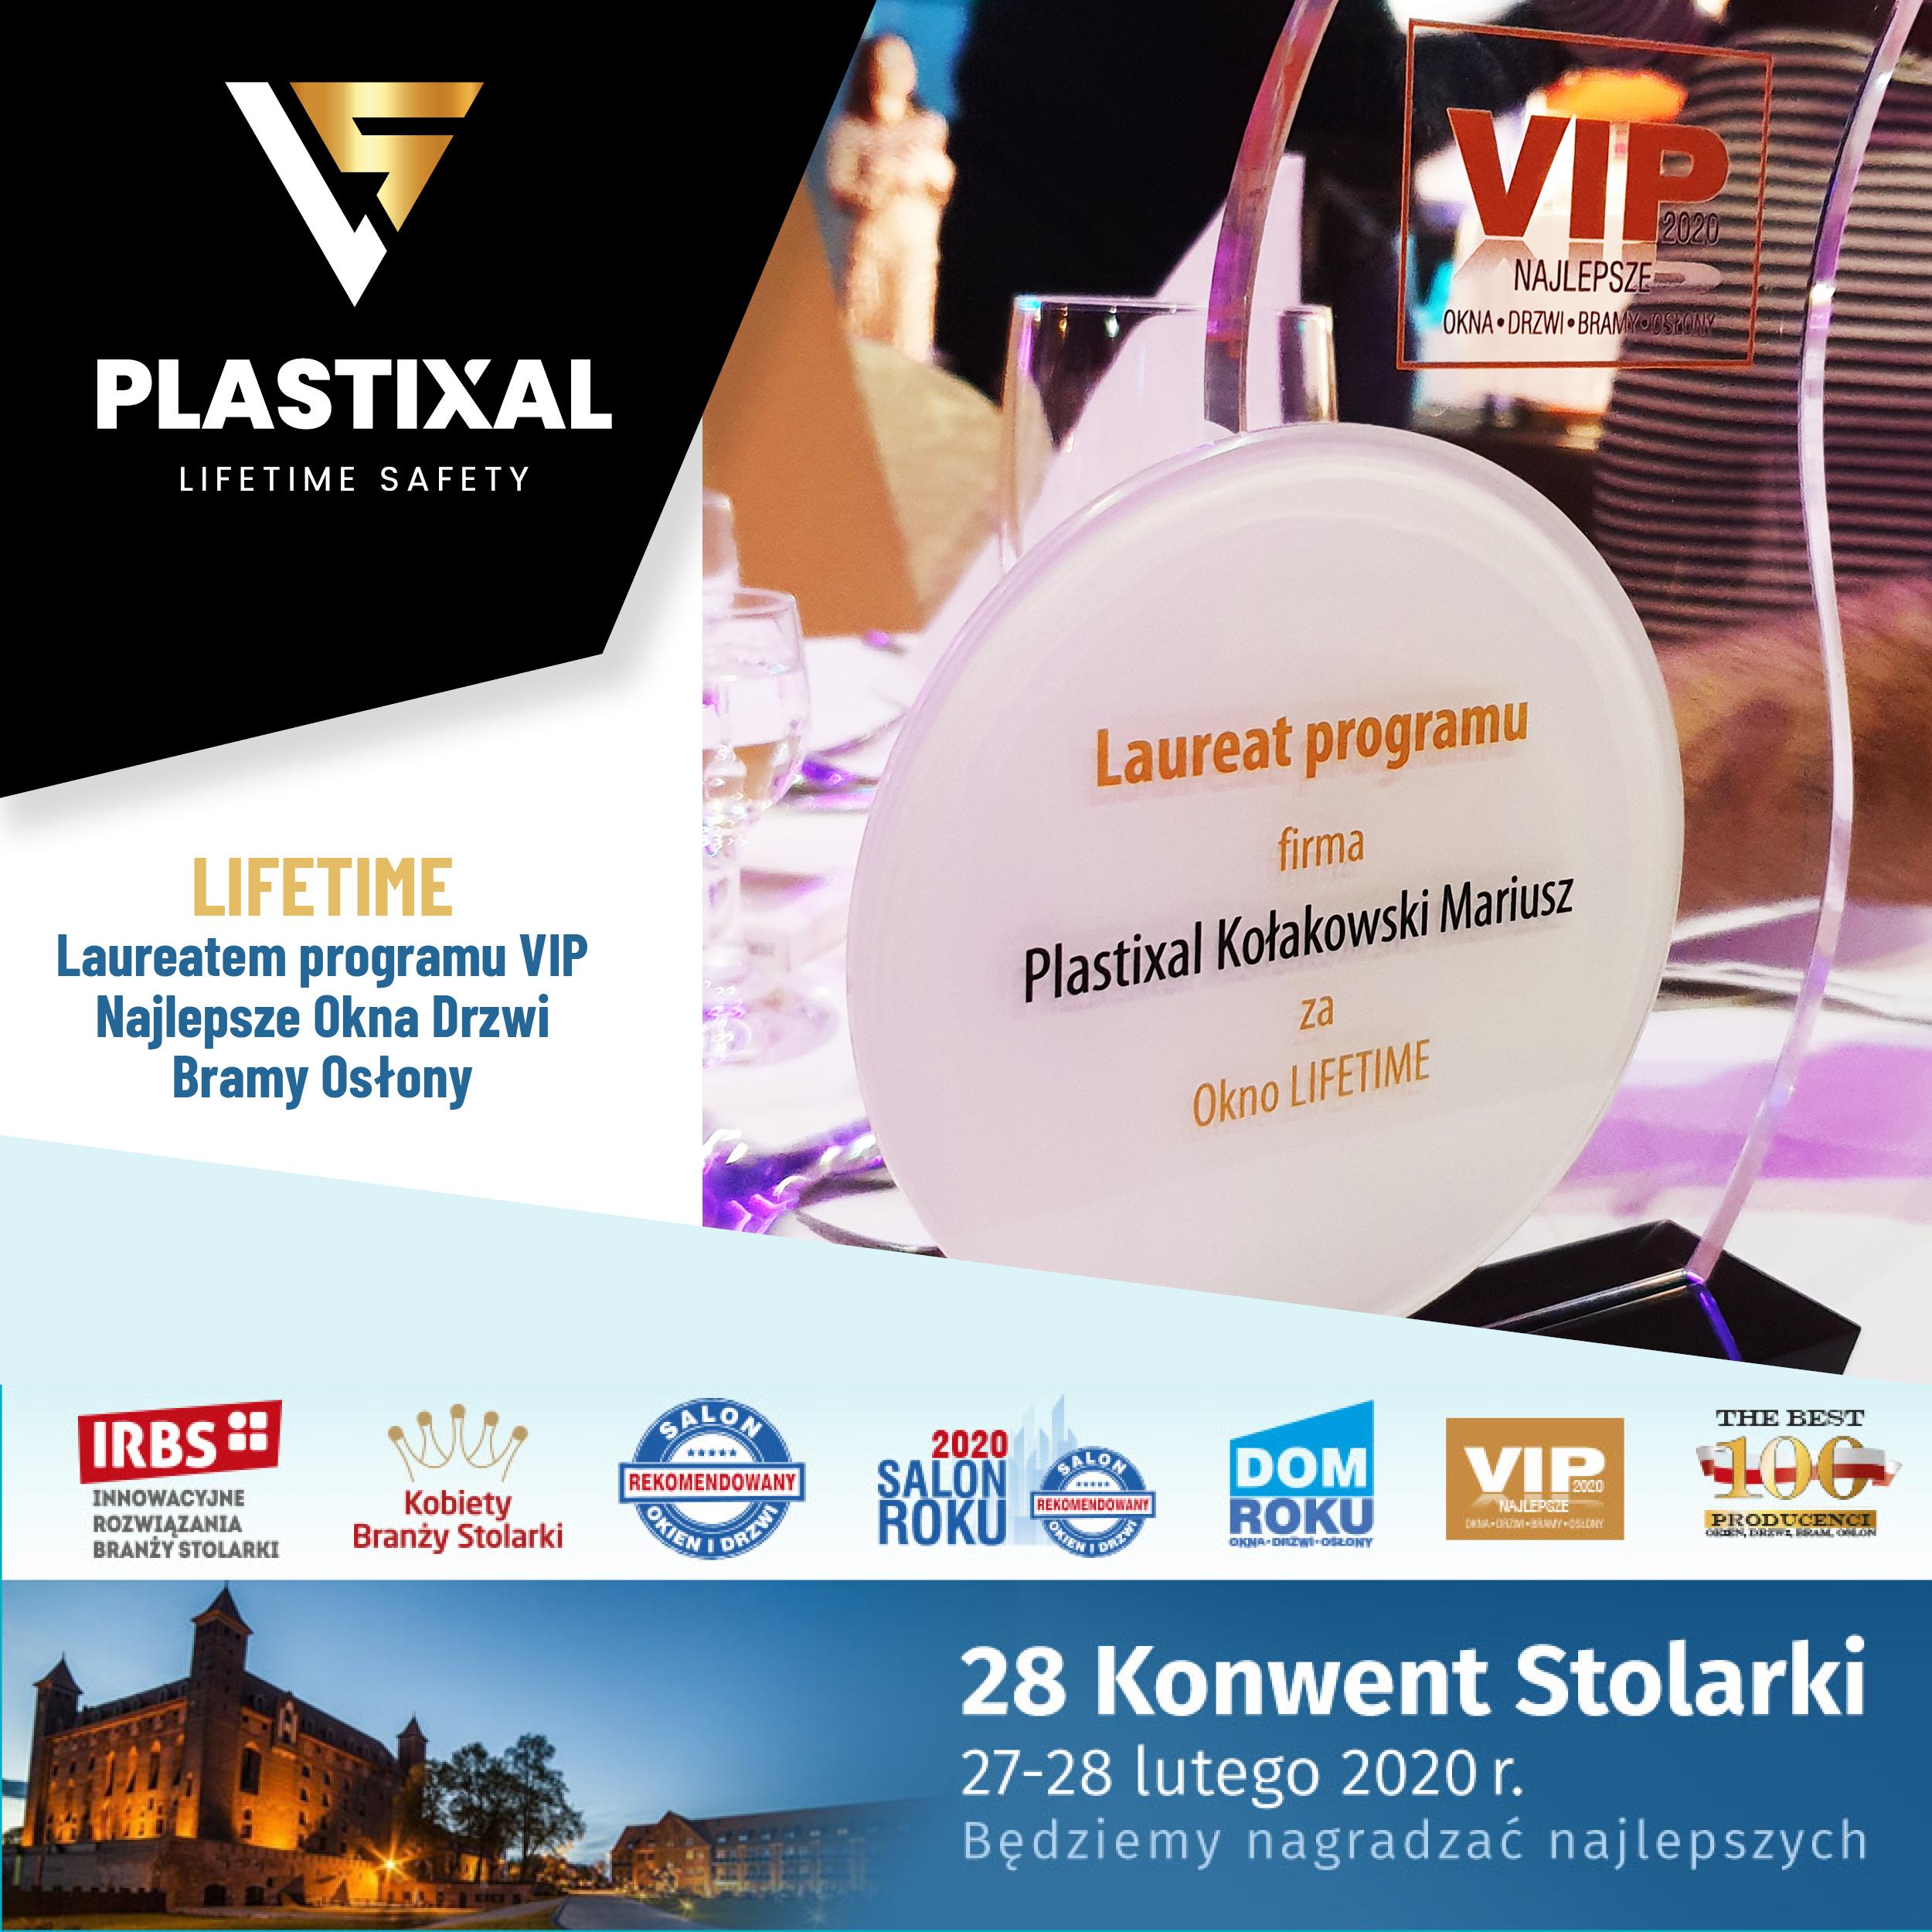 Lifetime - okno z dożywotnią gwarancją Plastixal